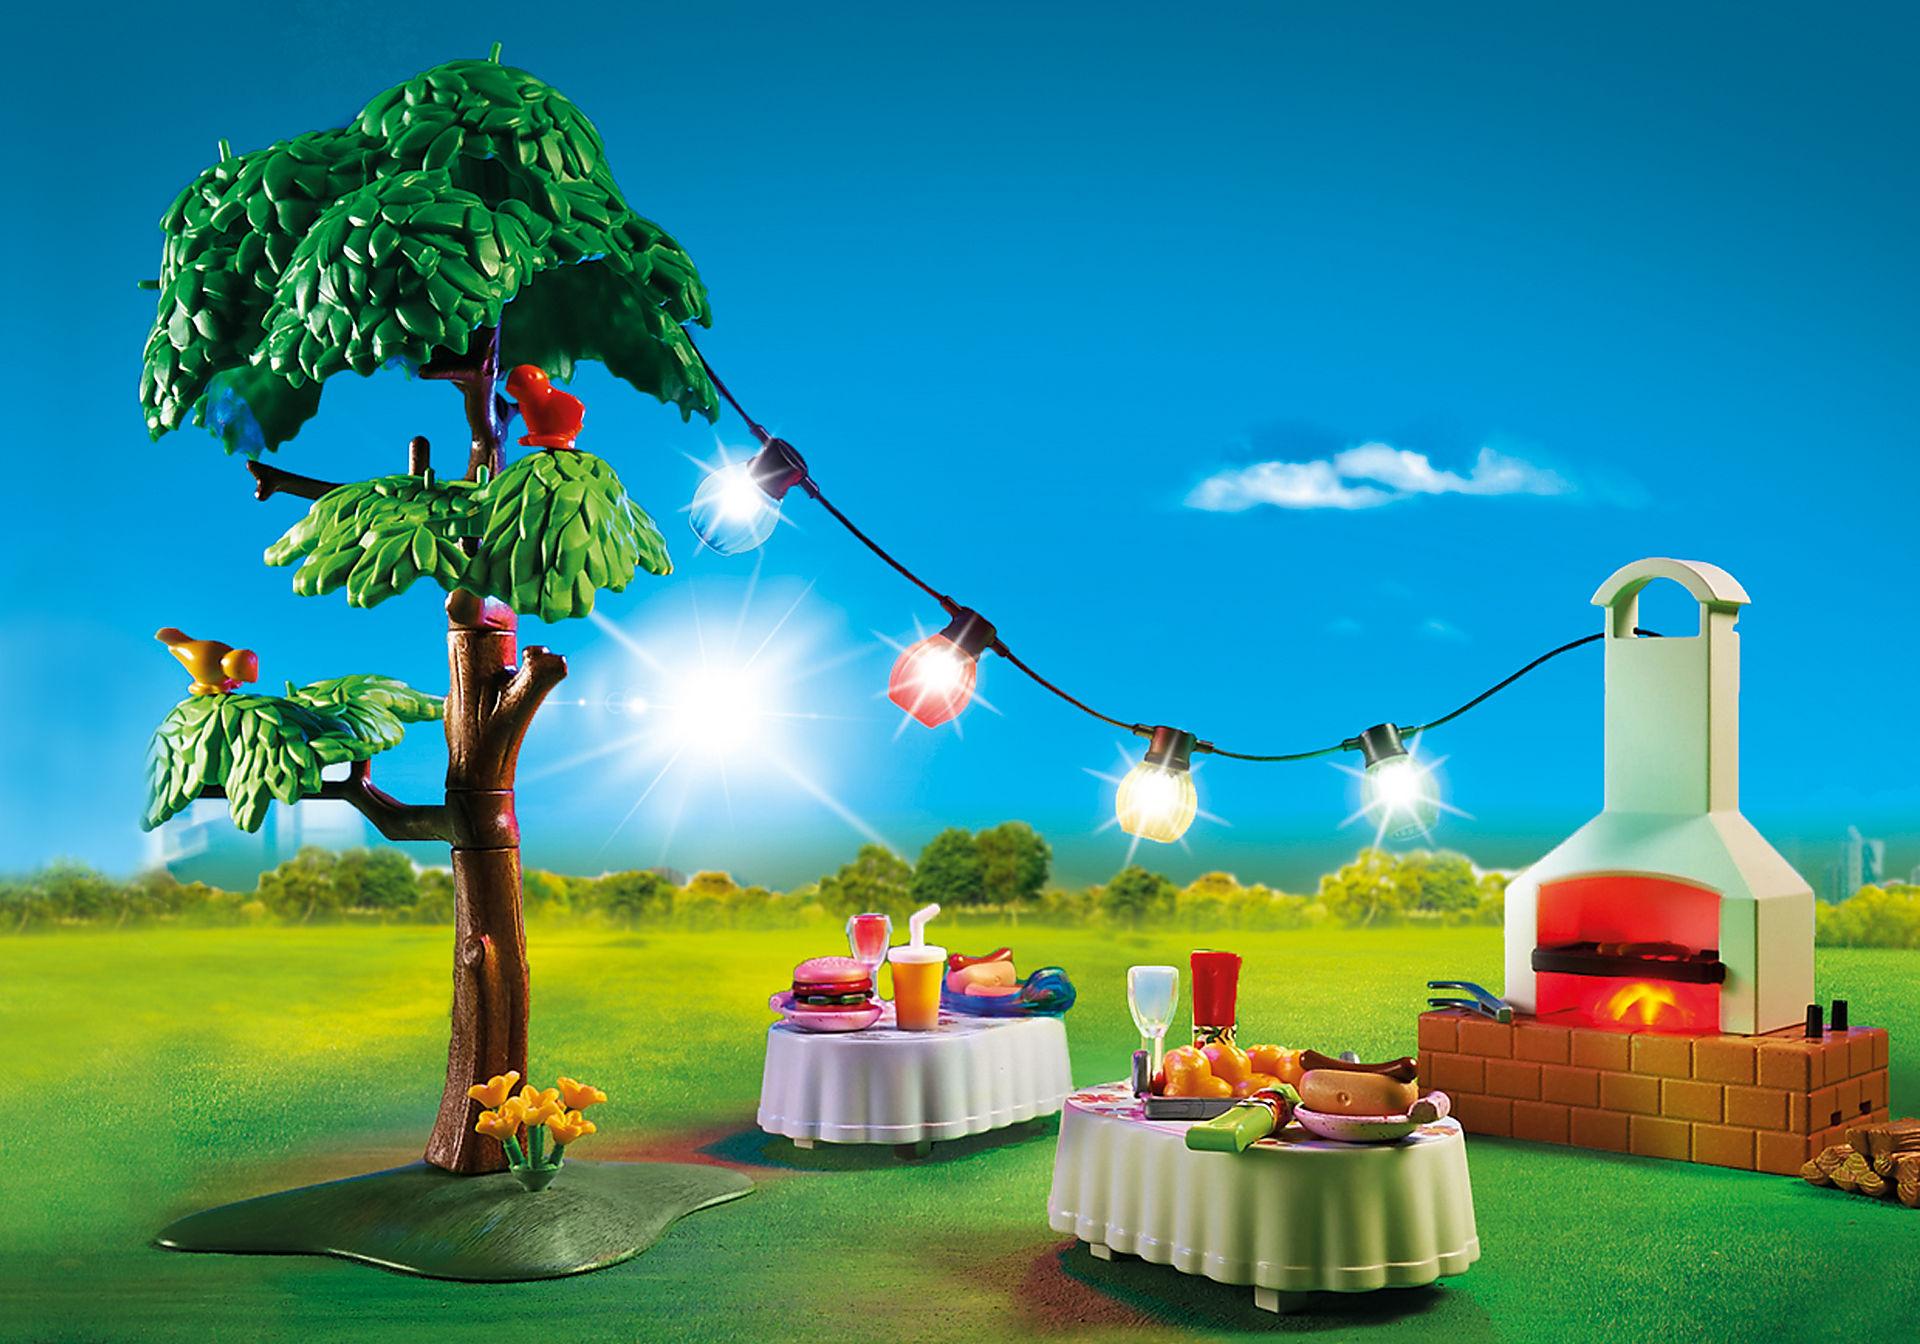 9272 Festa in giardino zoom image6